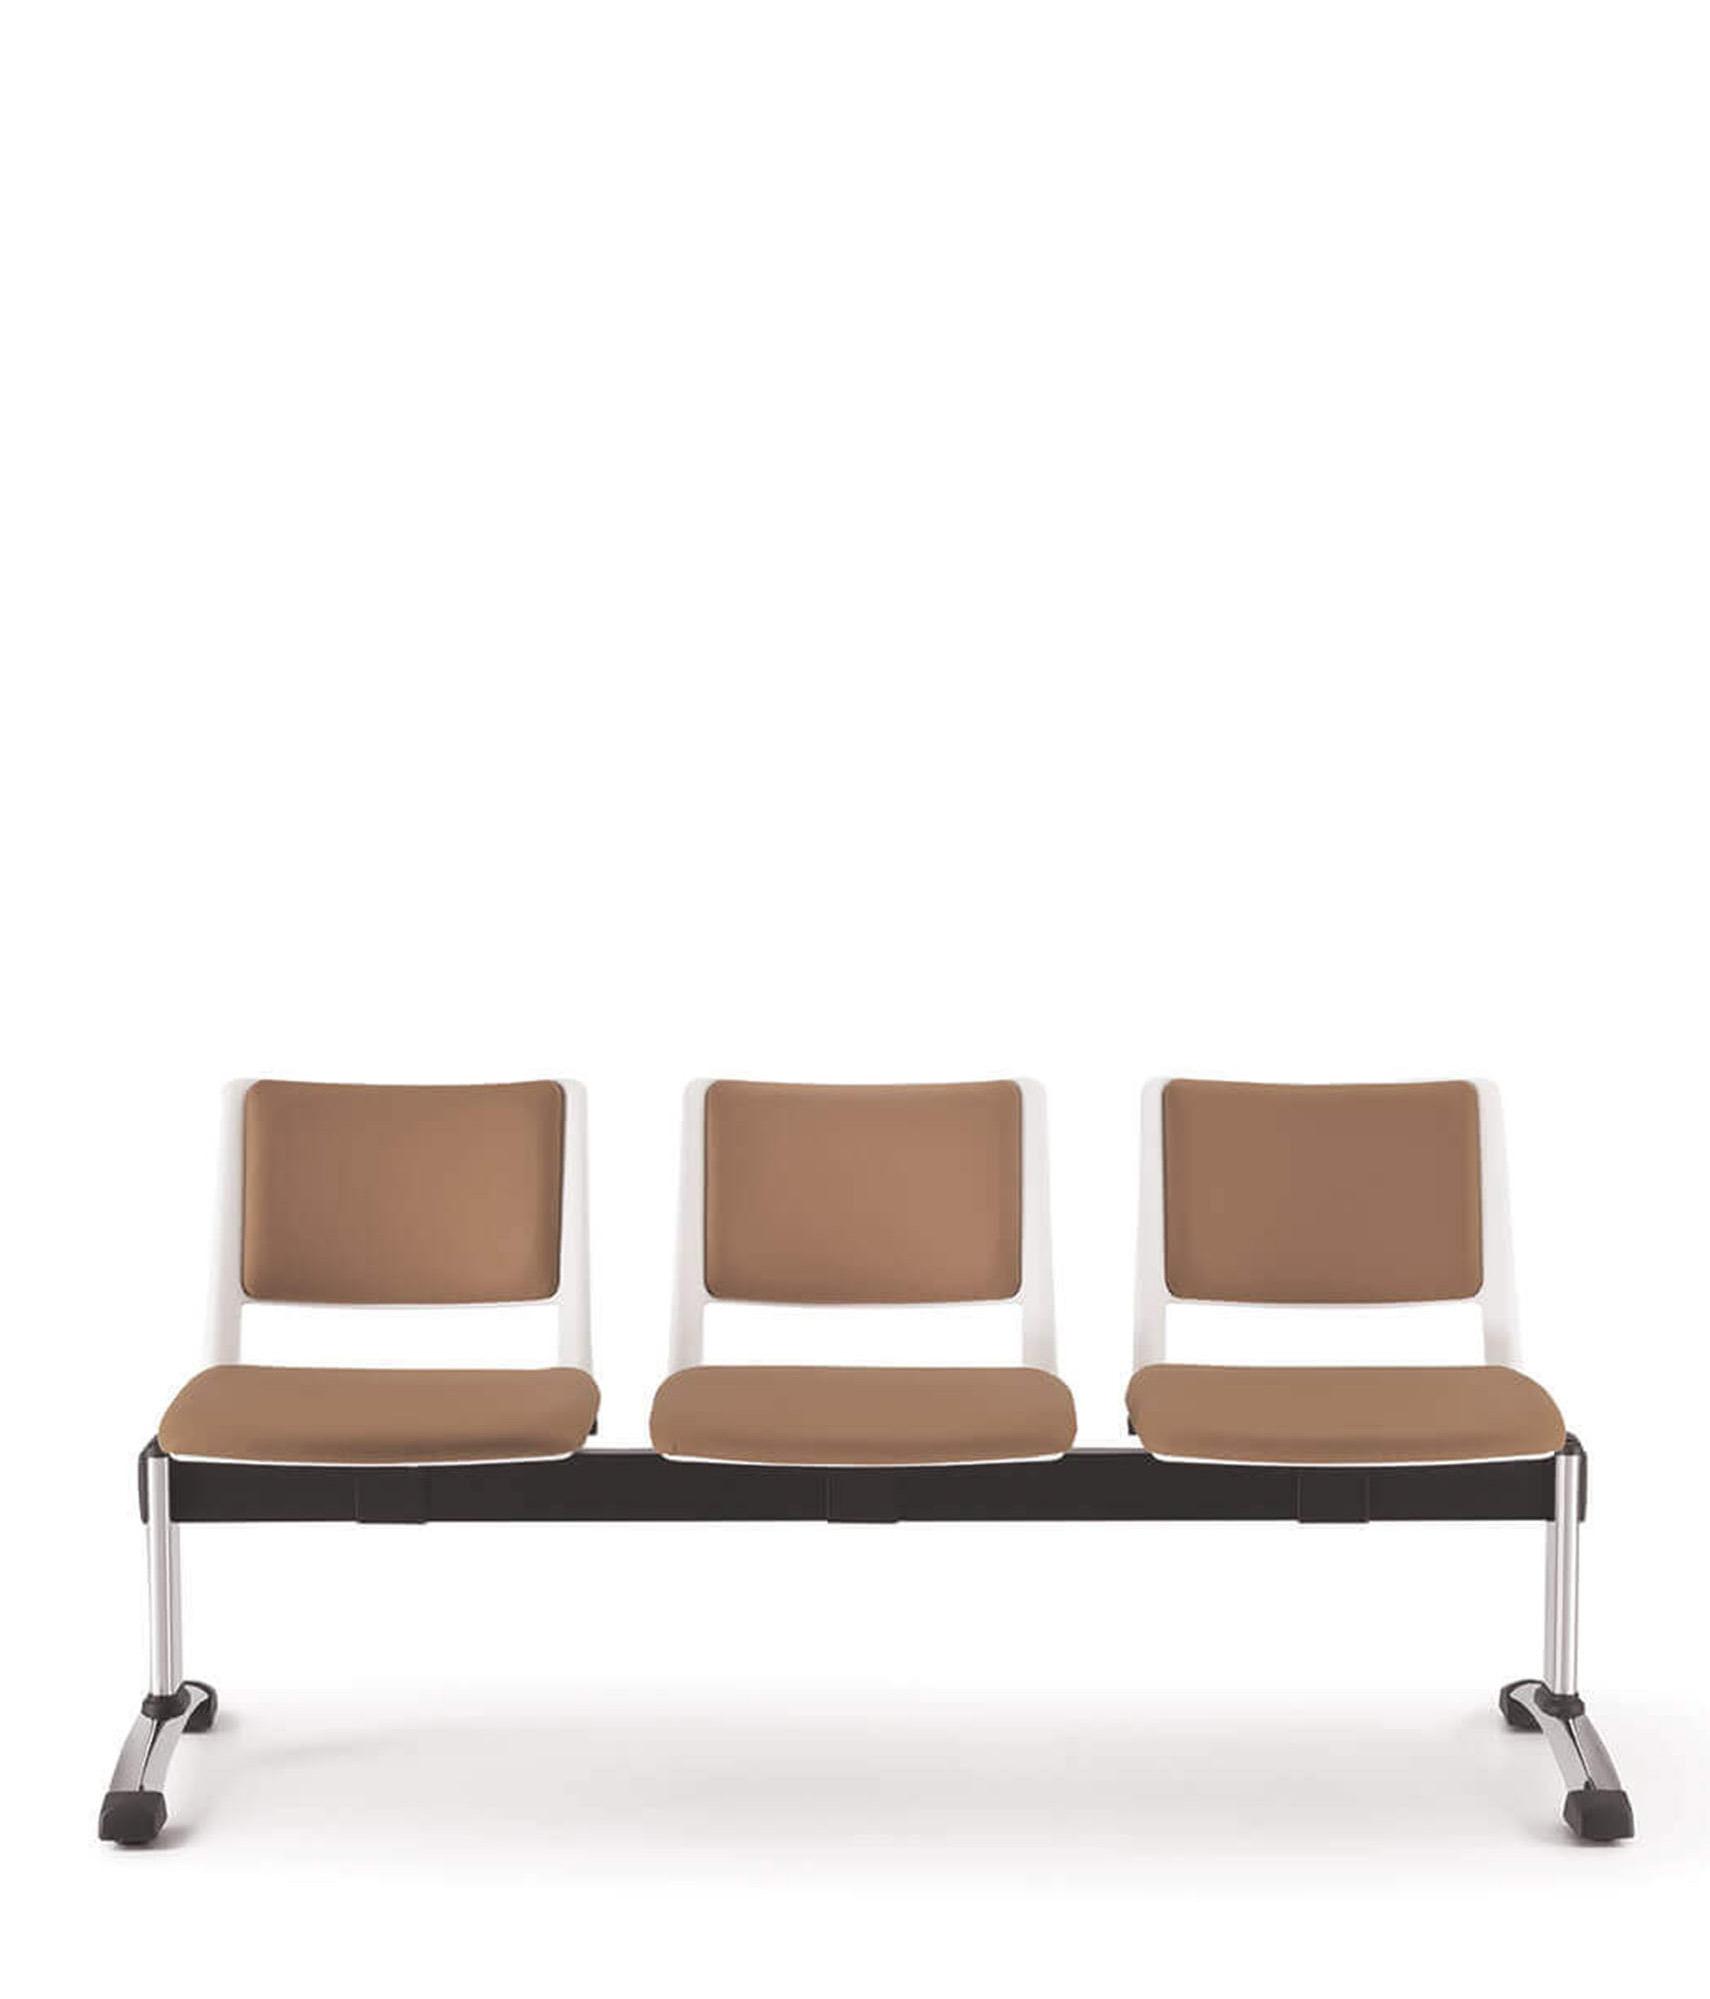 Panca sala d'attesa di design Free